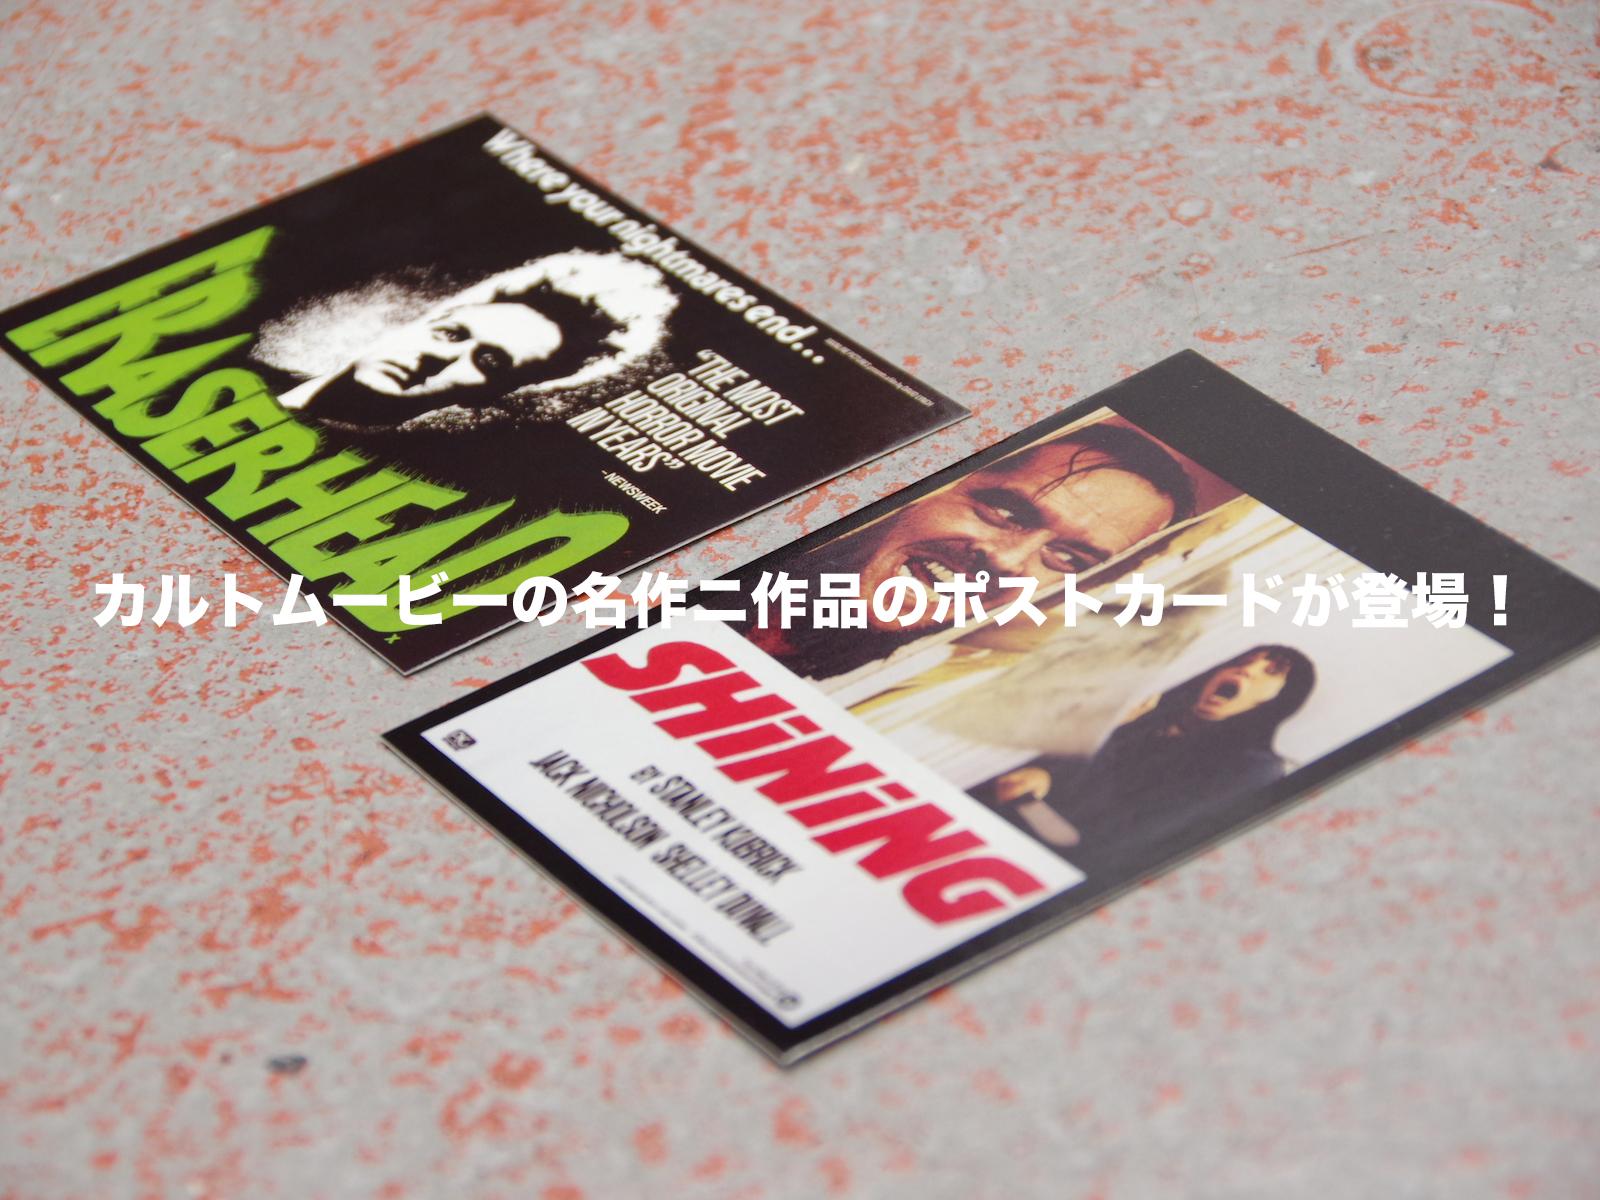 カルトムービーの名作ニ作品のポストカードが登場!